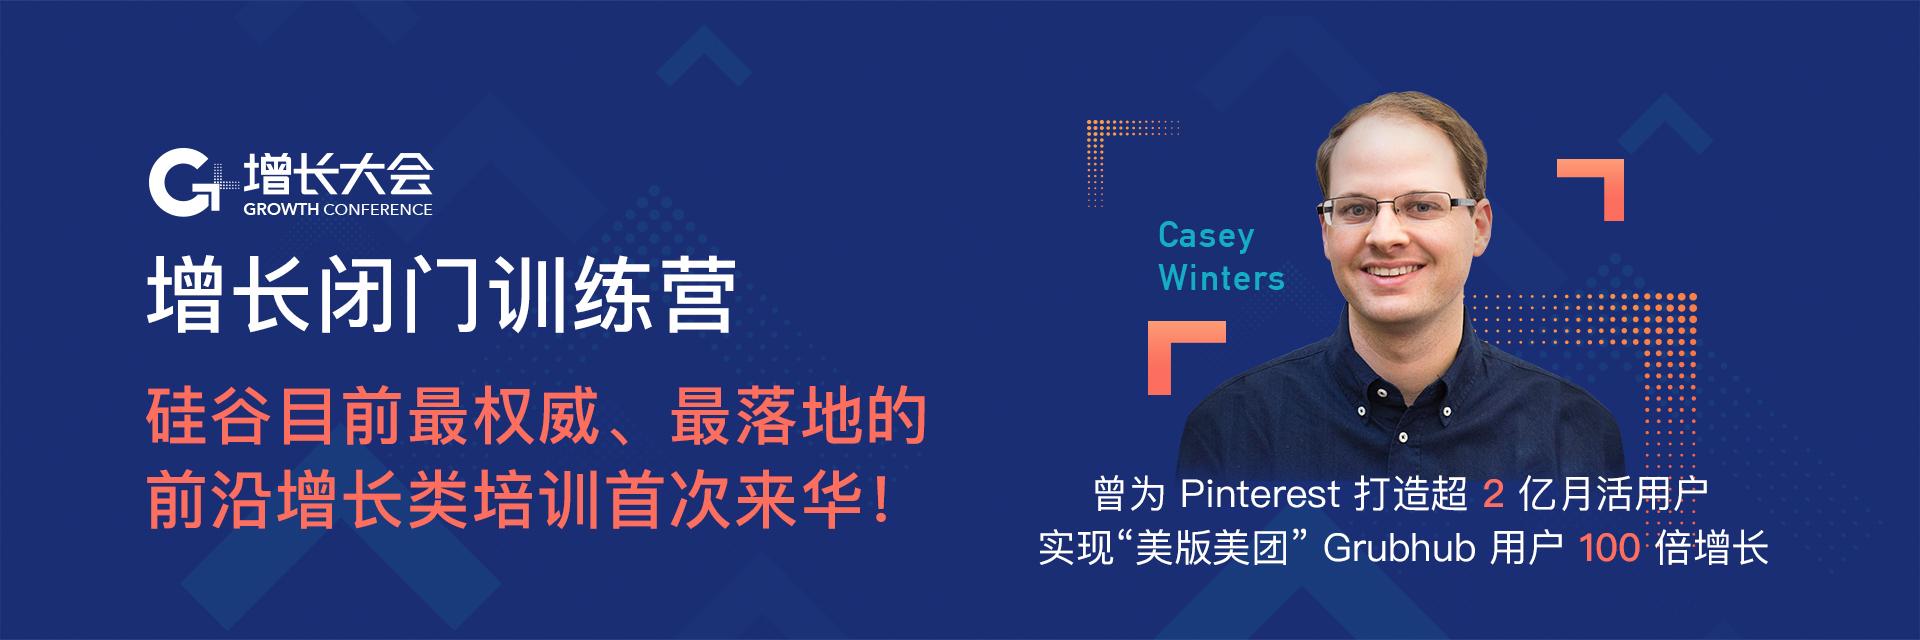 硅谷增长实践鼻祖 Casey Winters 独家培训